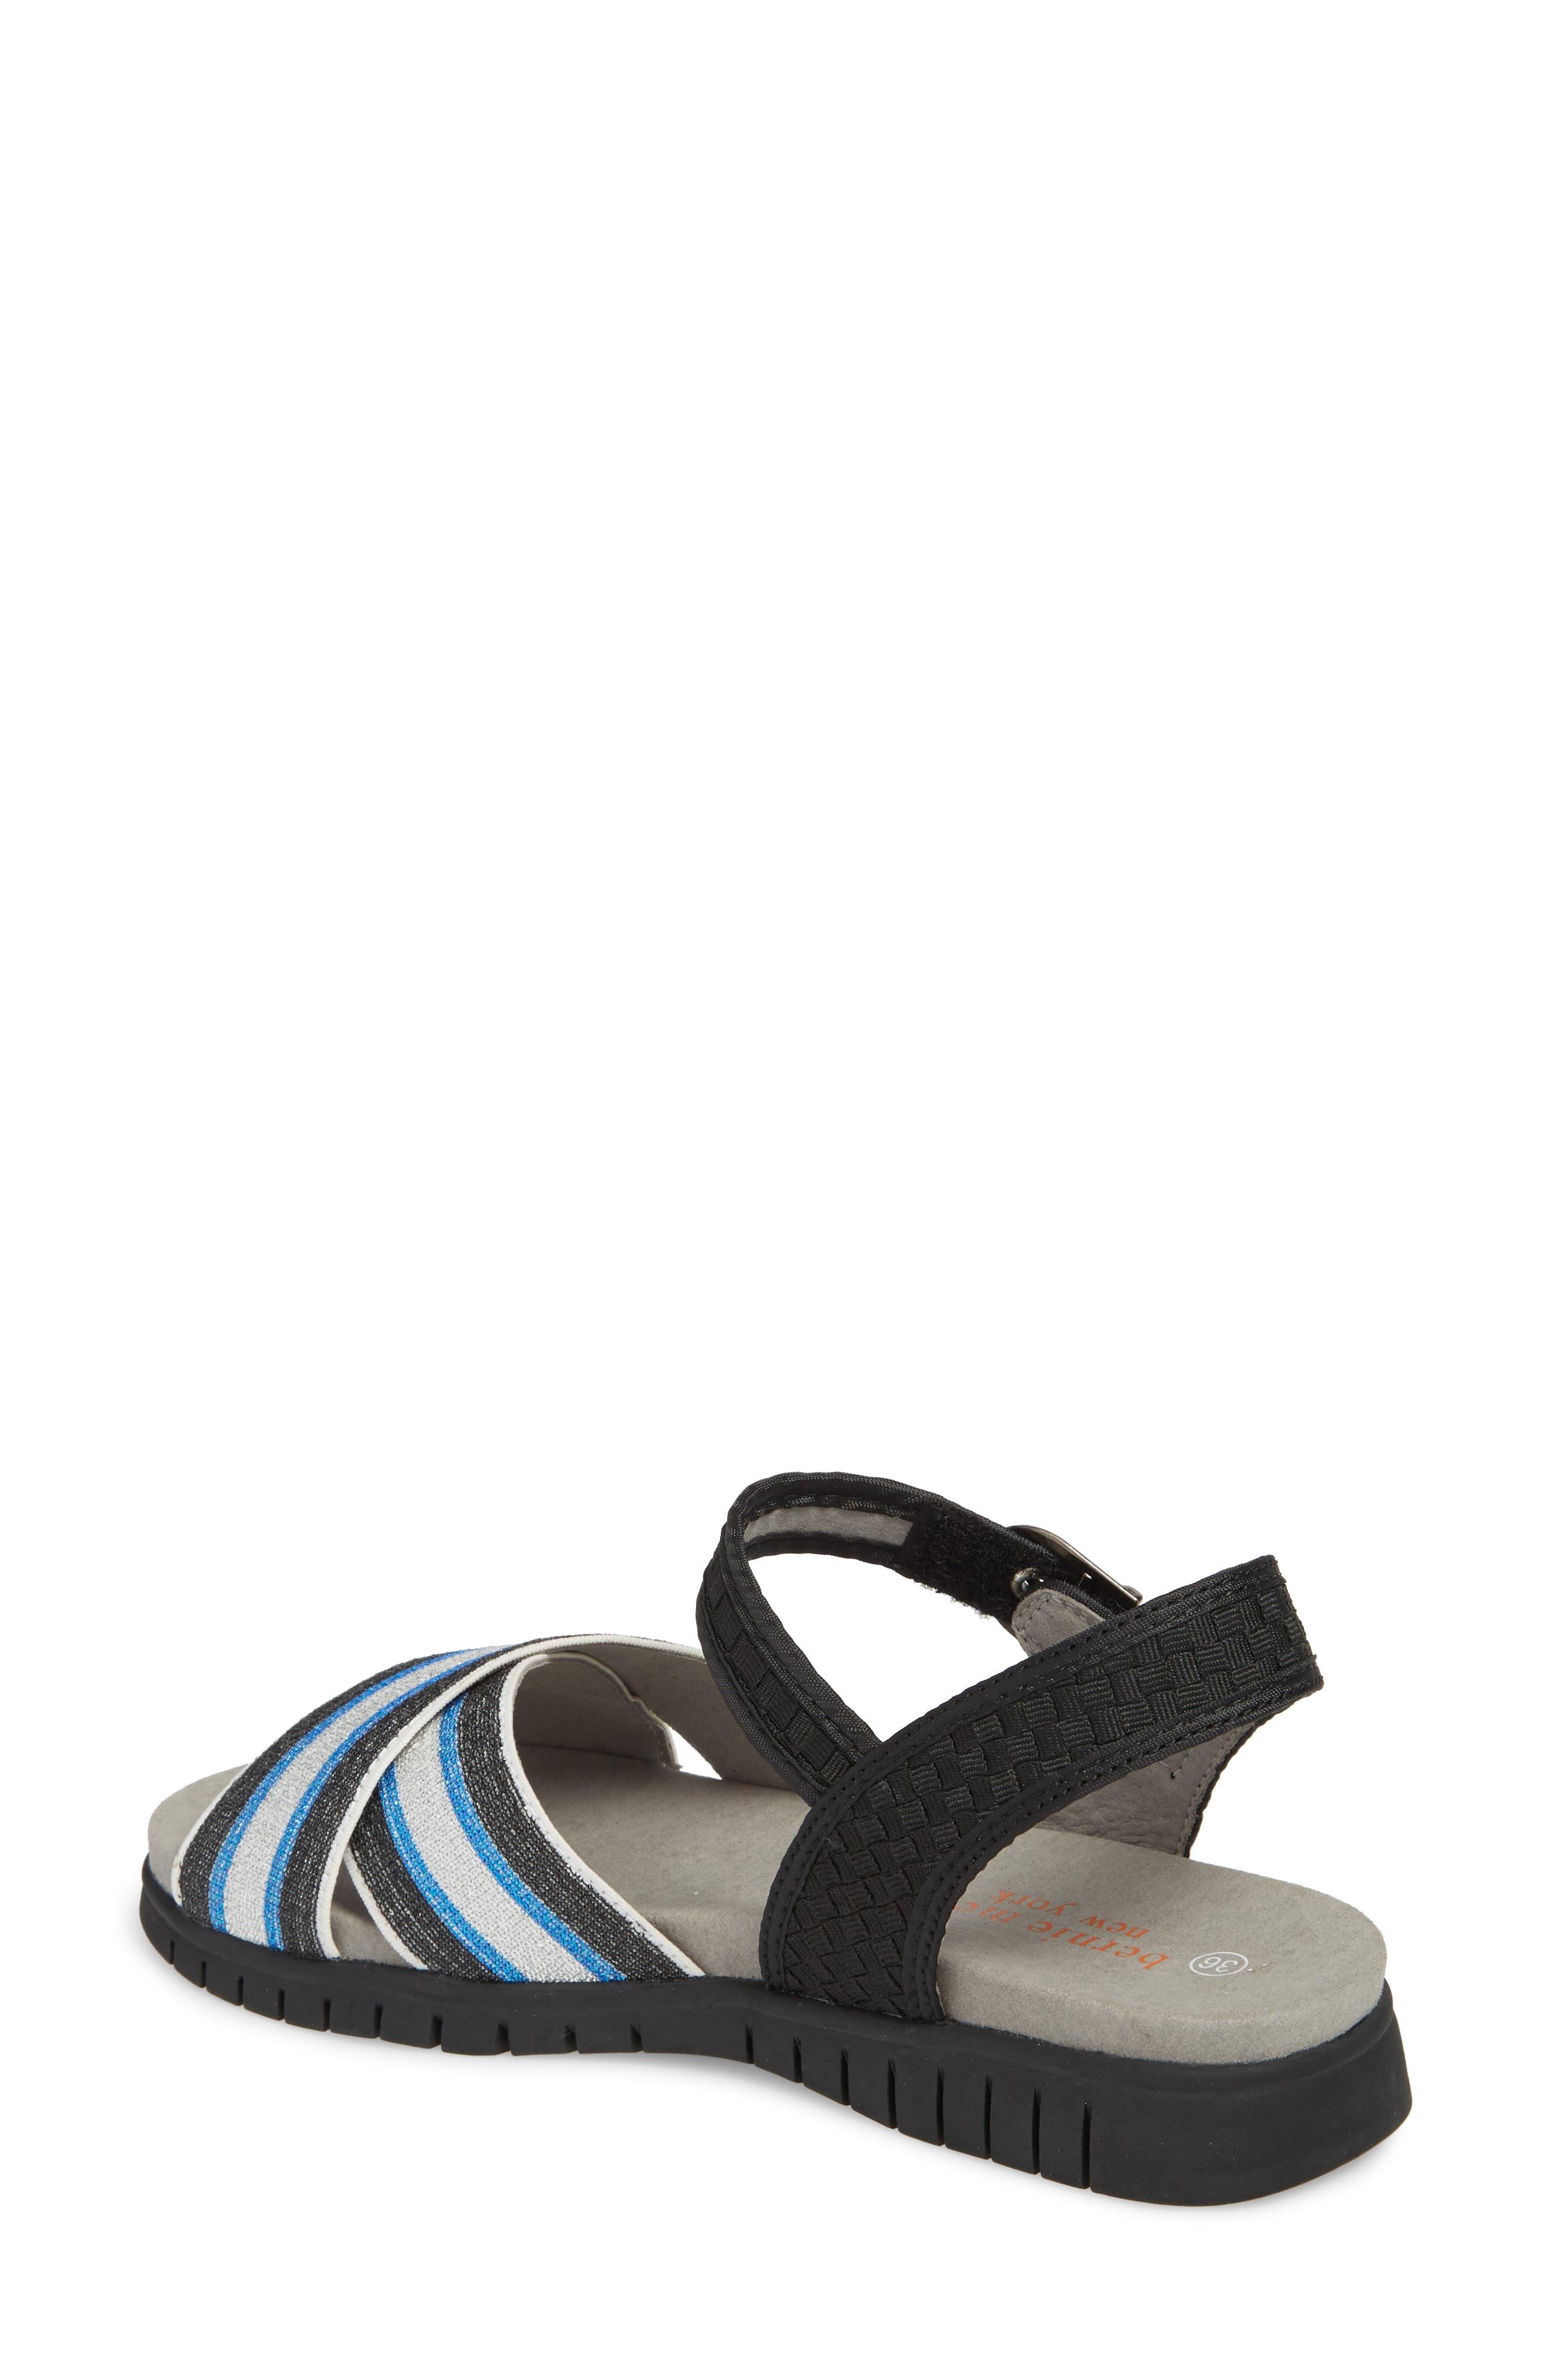 Malibu Sandal,                             Alternate thumbnail 2, color,                             BLACK BLUE STRIPE FABRIC